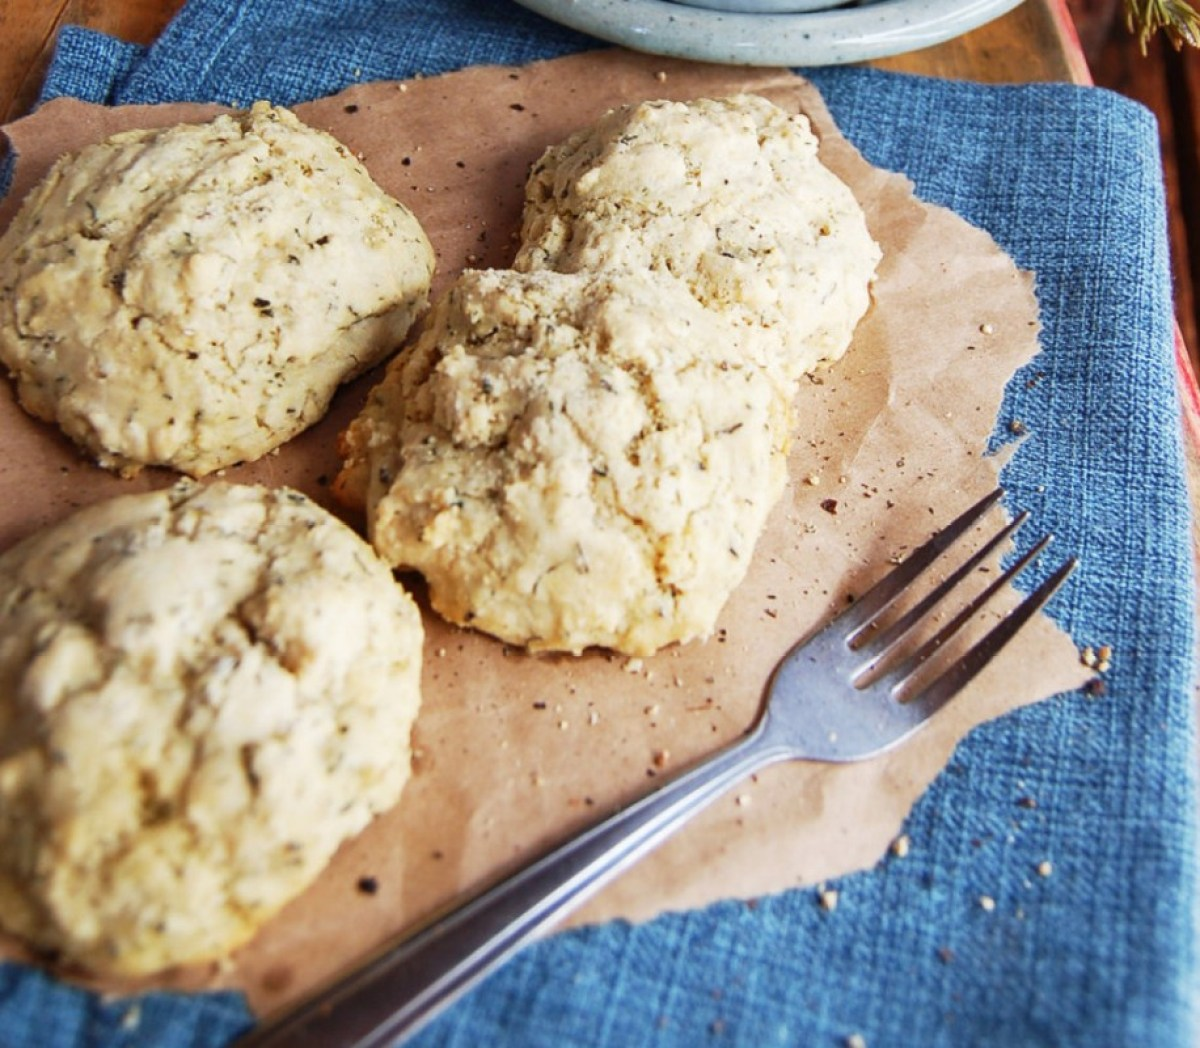 Gluten-Free-Biscuits-and-Gravy-916x800